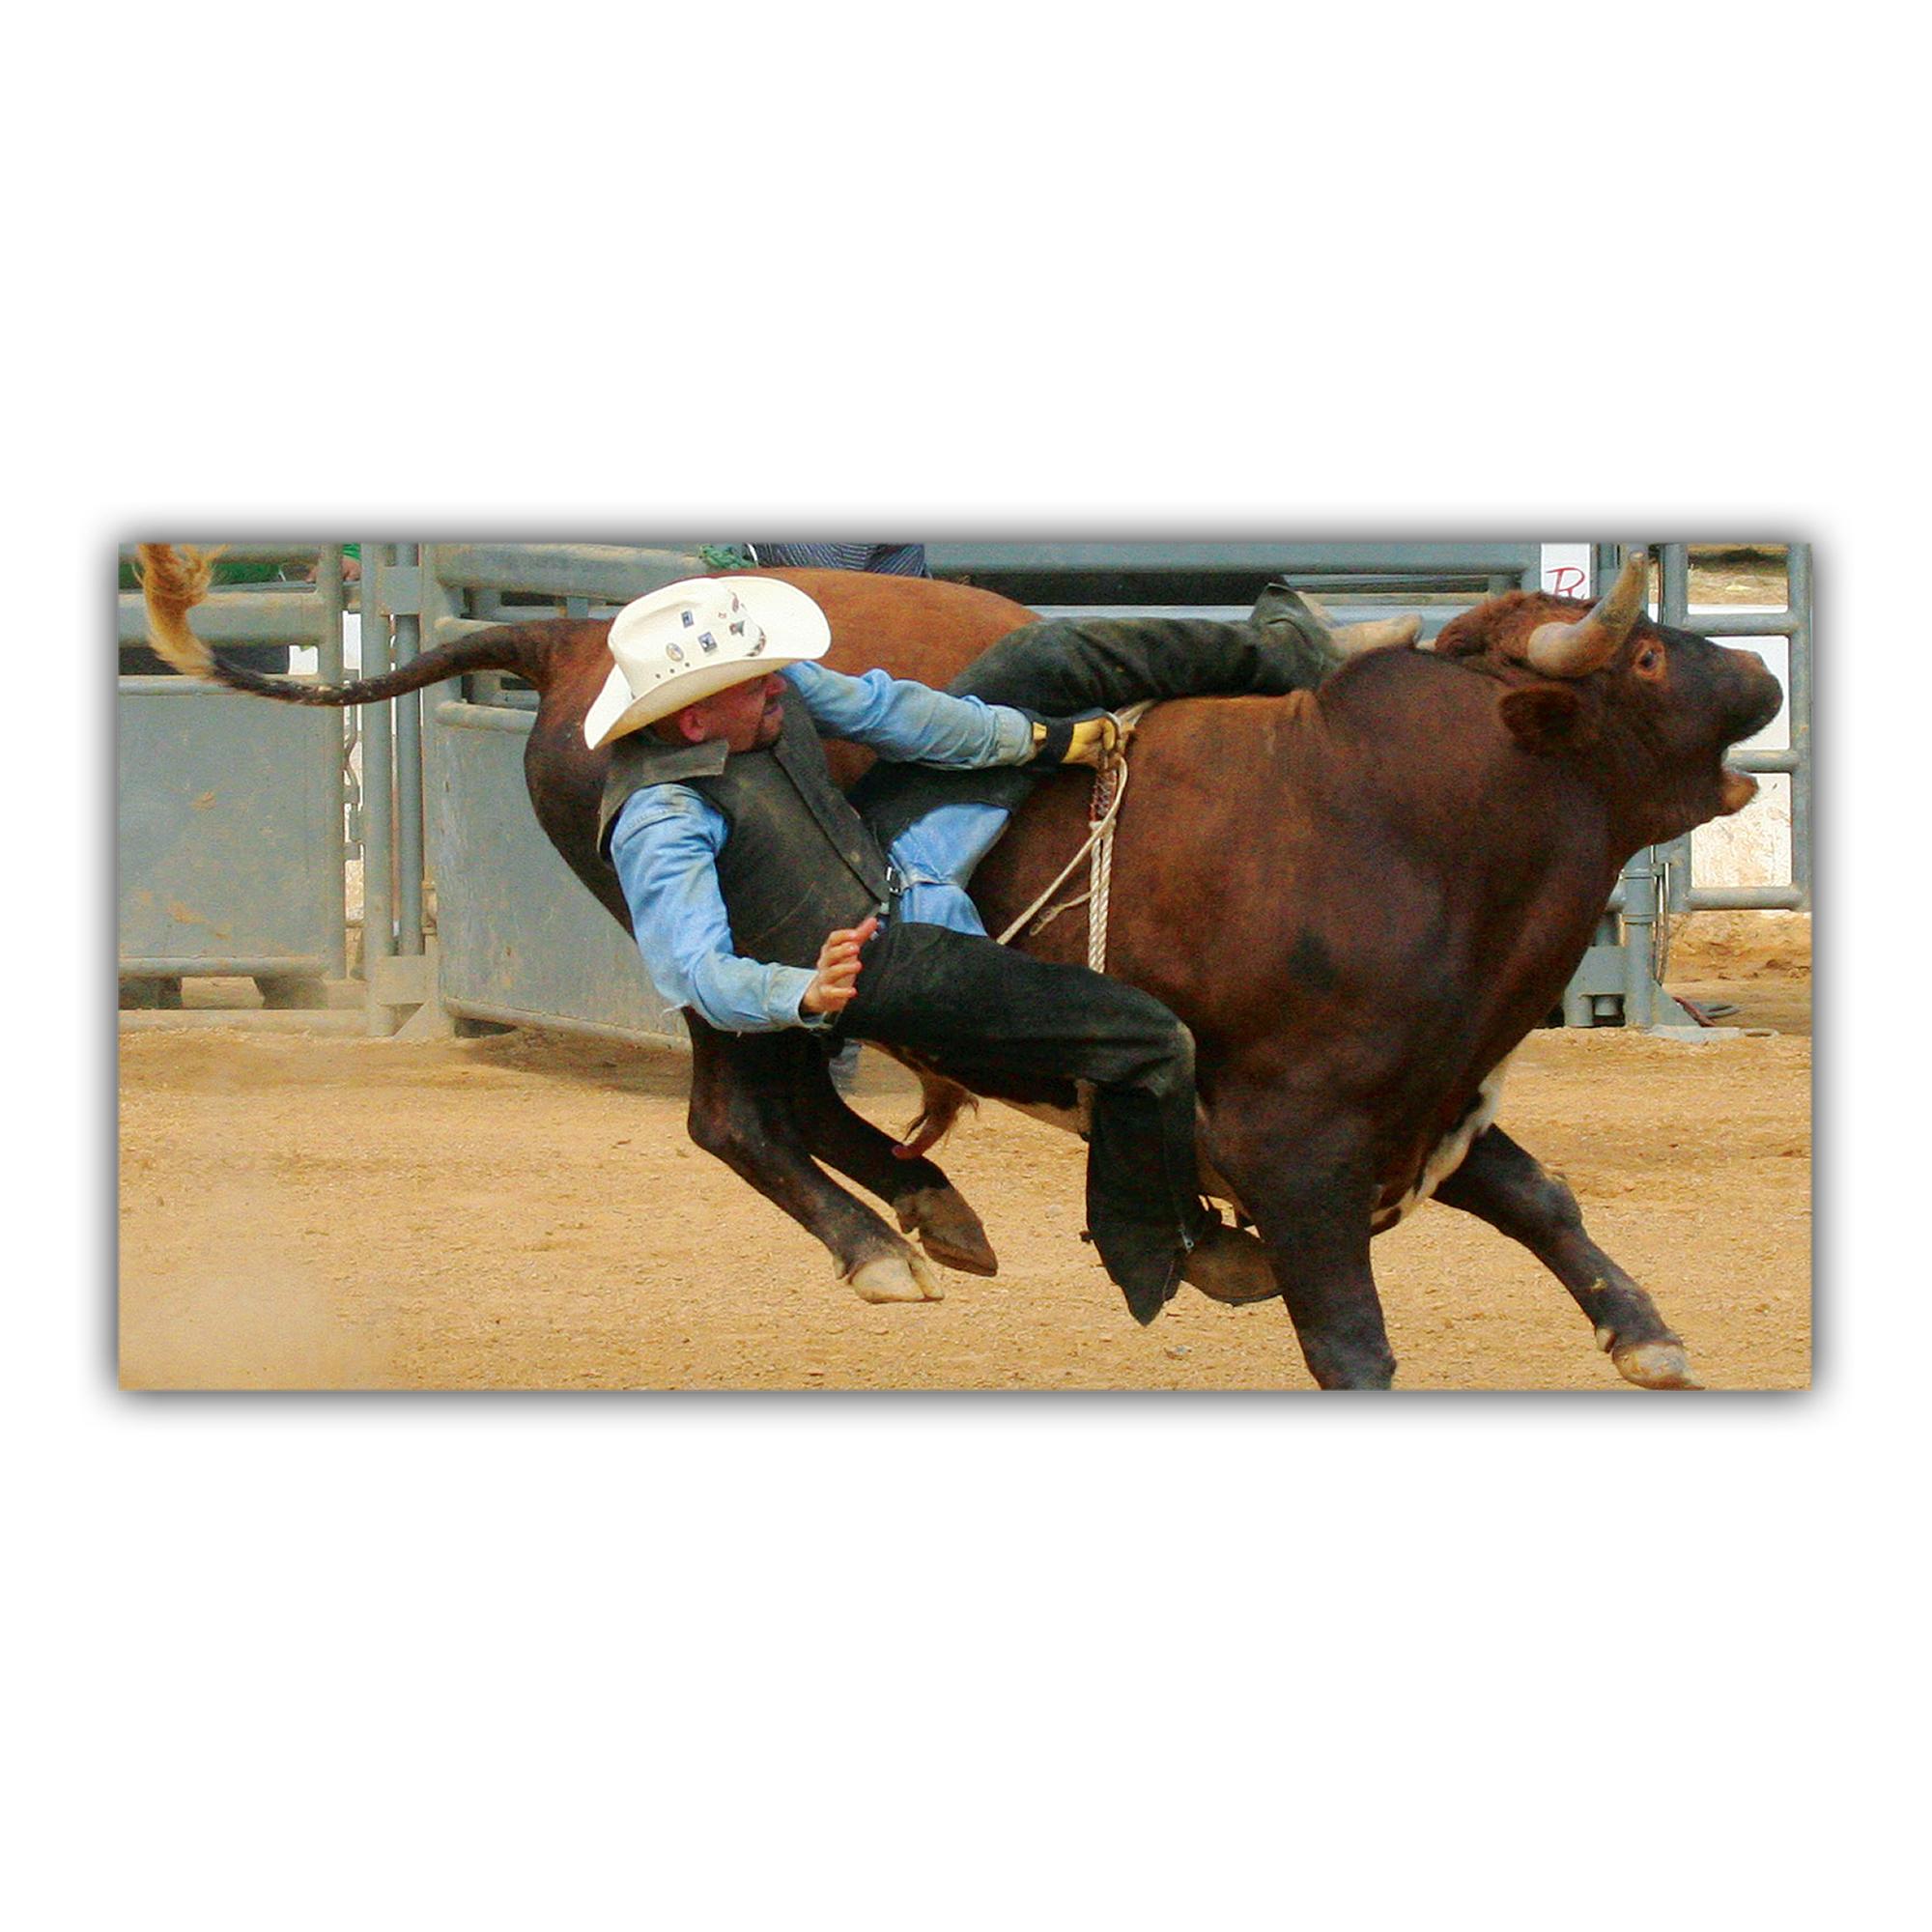 Rodéo Cow-boy Taureau USA